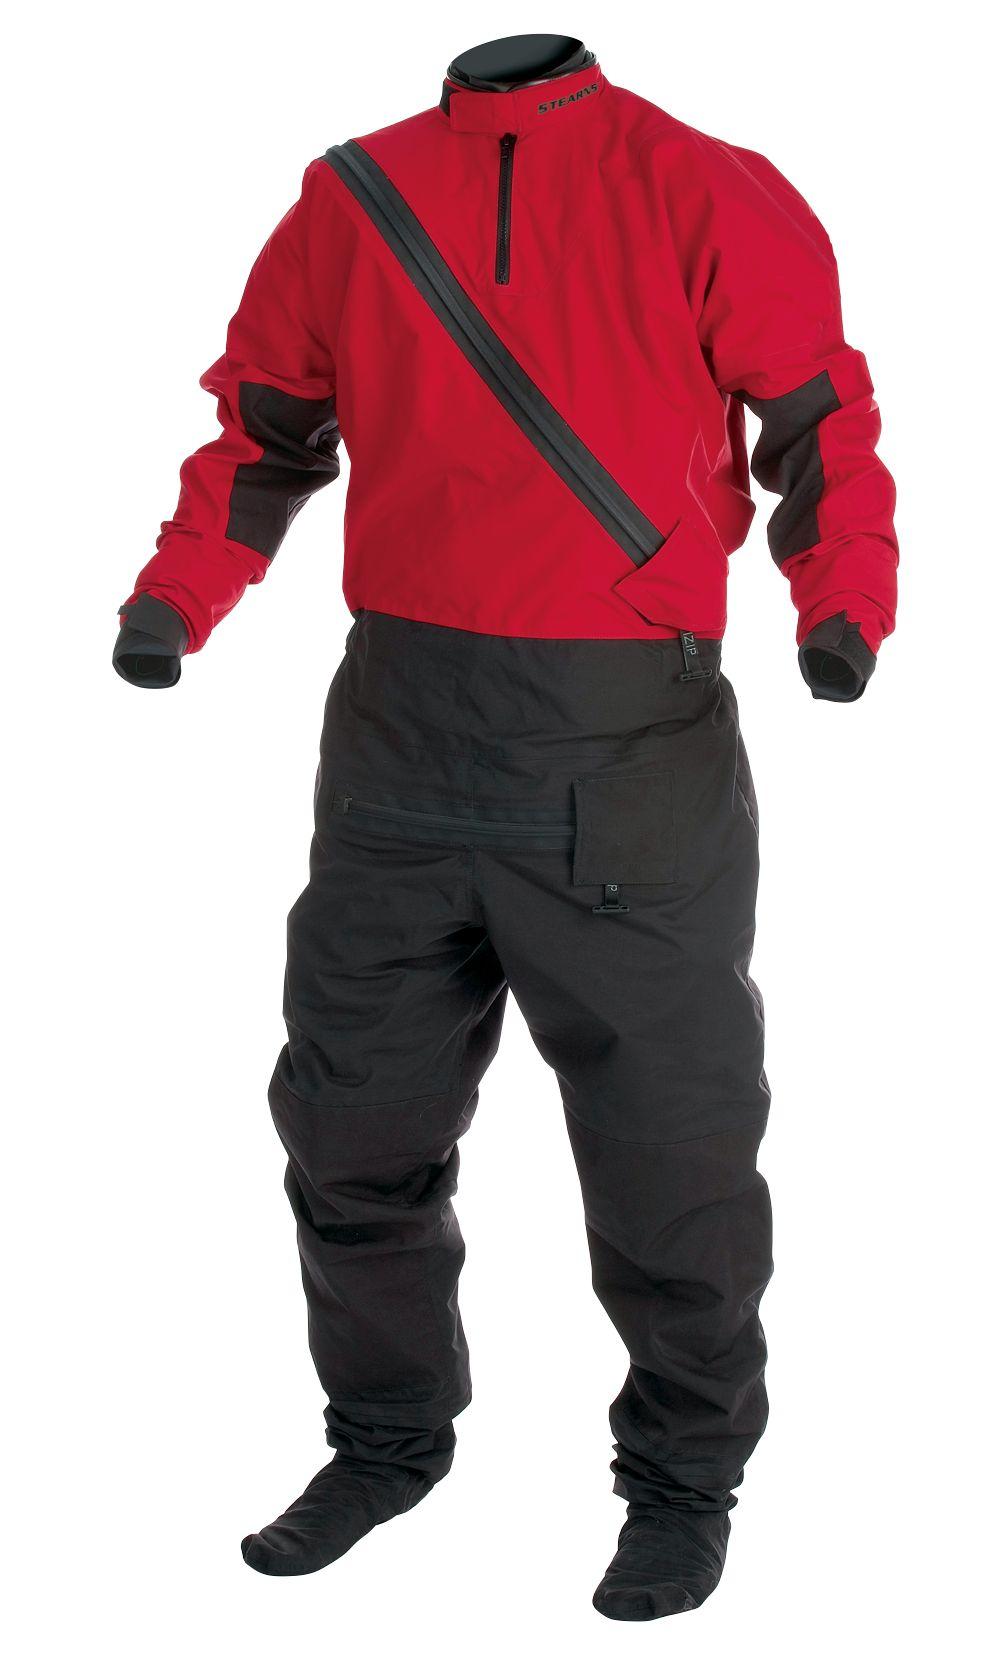 Rapid Rescue Extreme™ Surface Suit